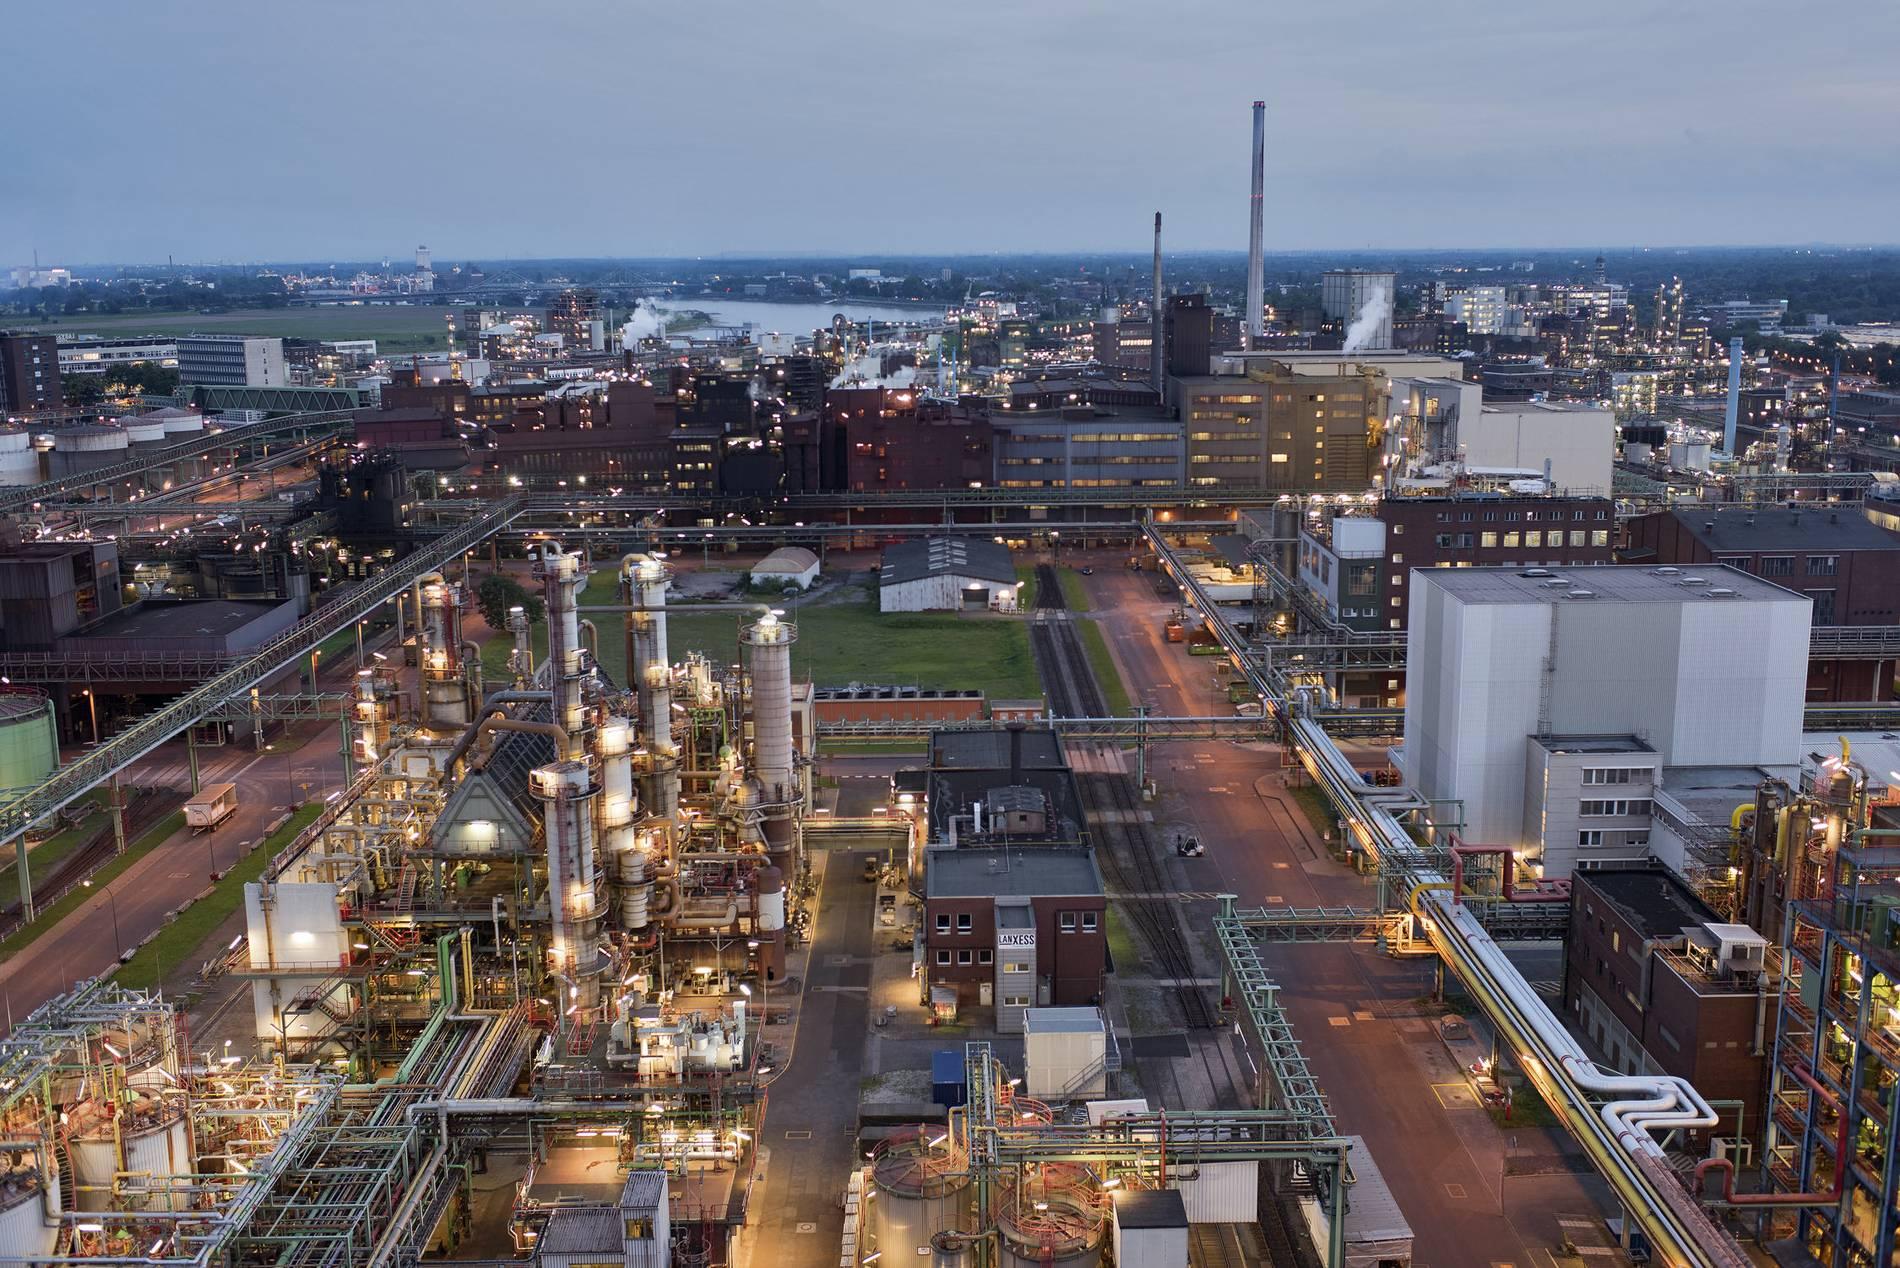 Bayer und Lanxess verkaufen Chemieparkbetreiber Currenta an Macquarie